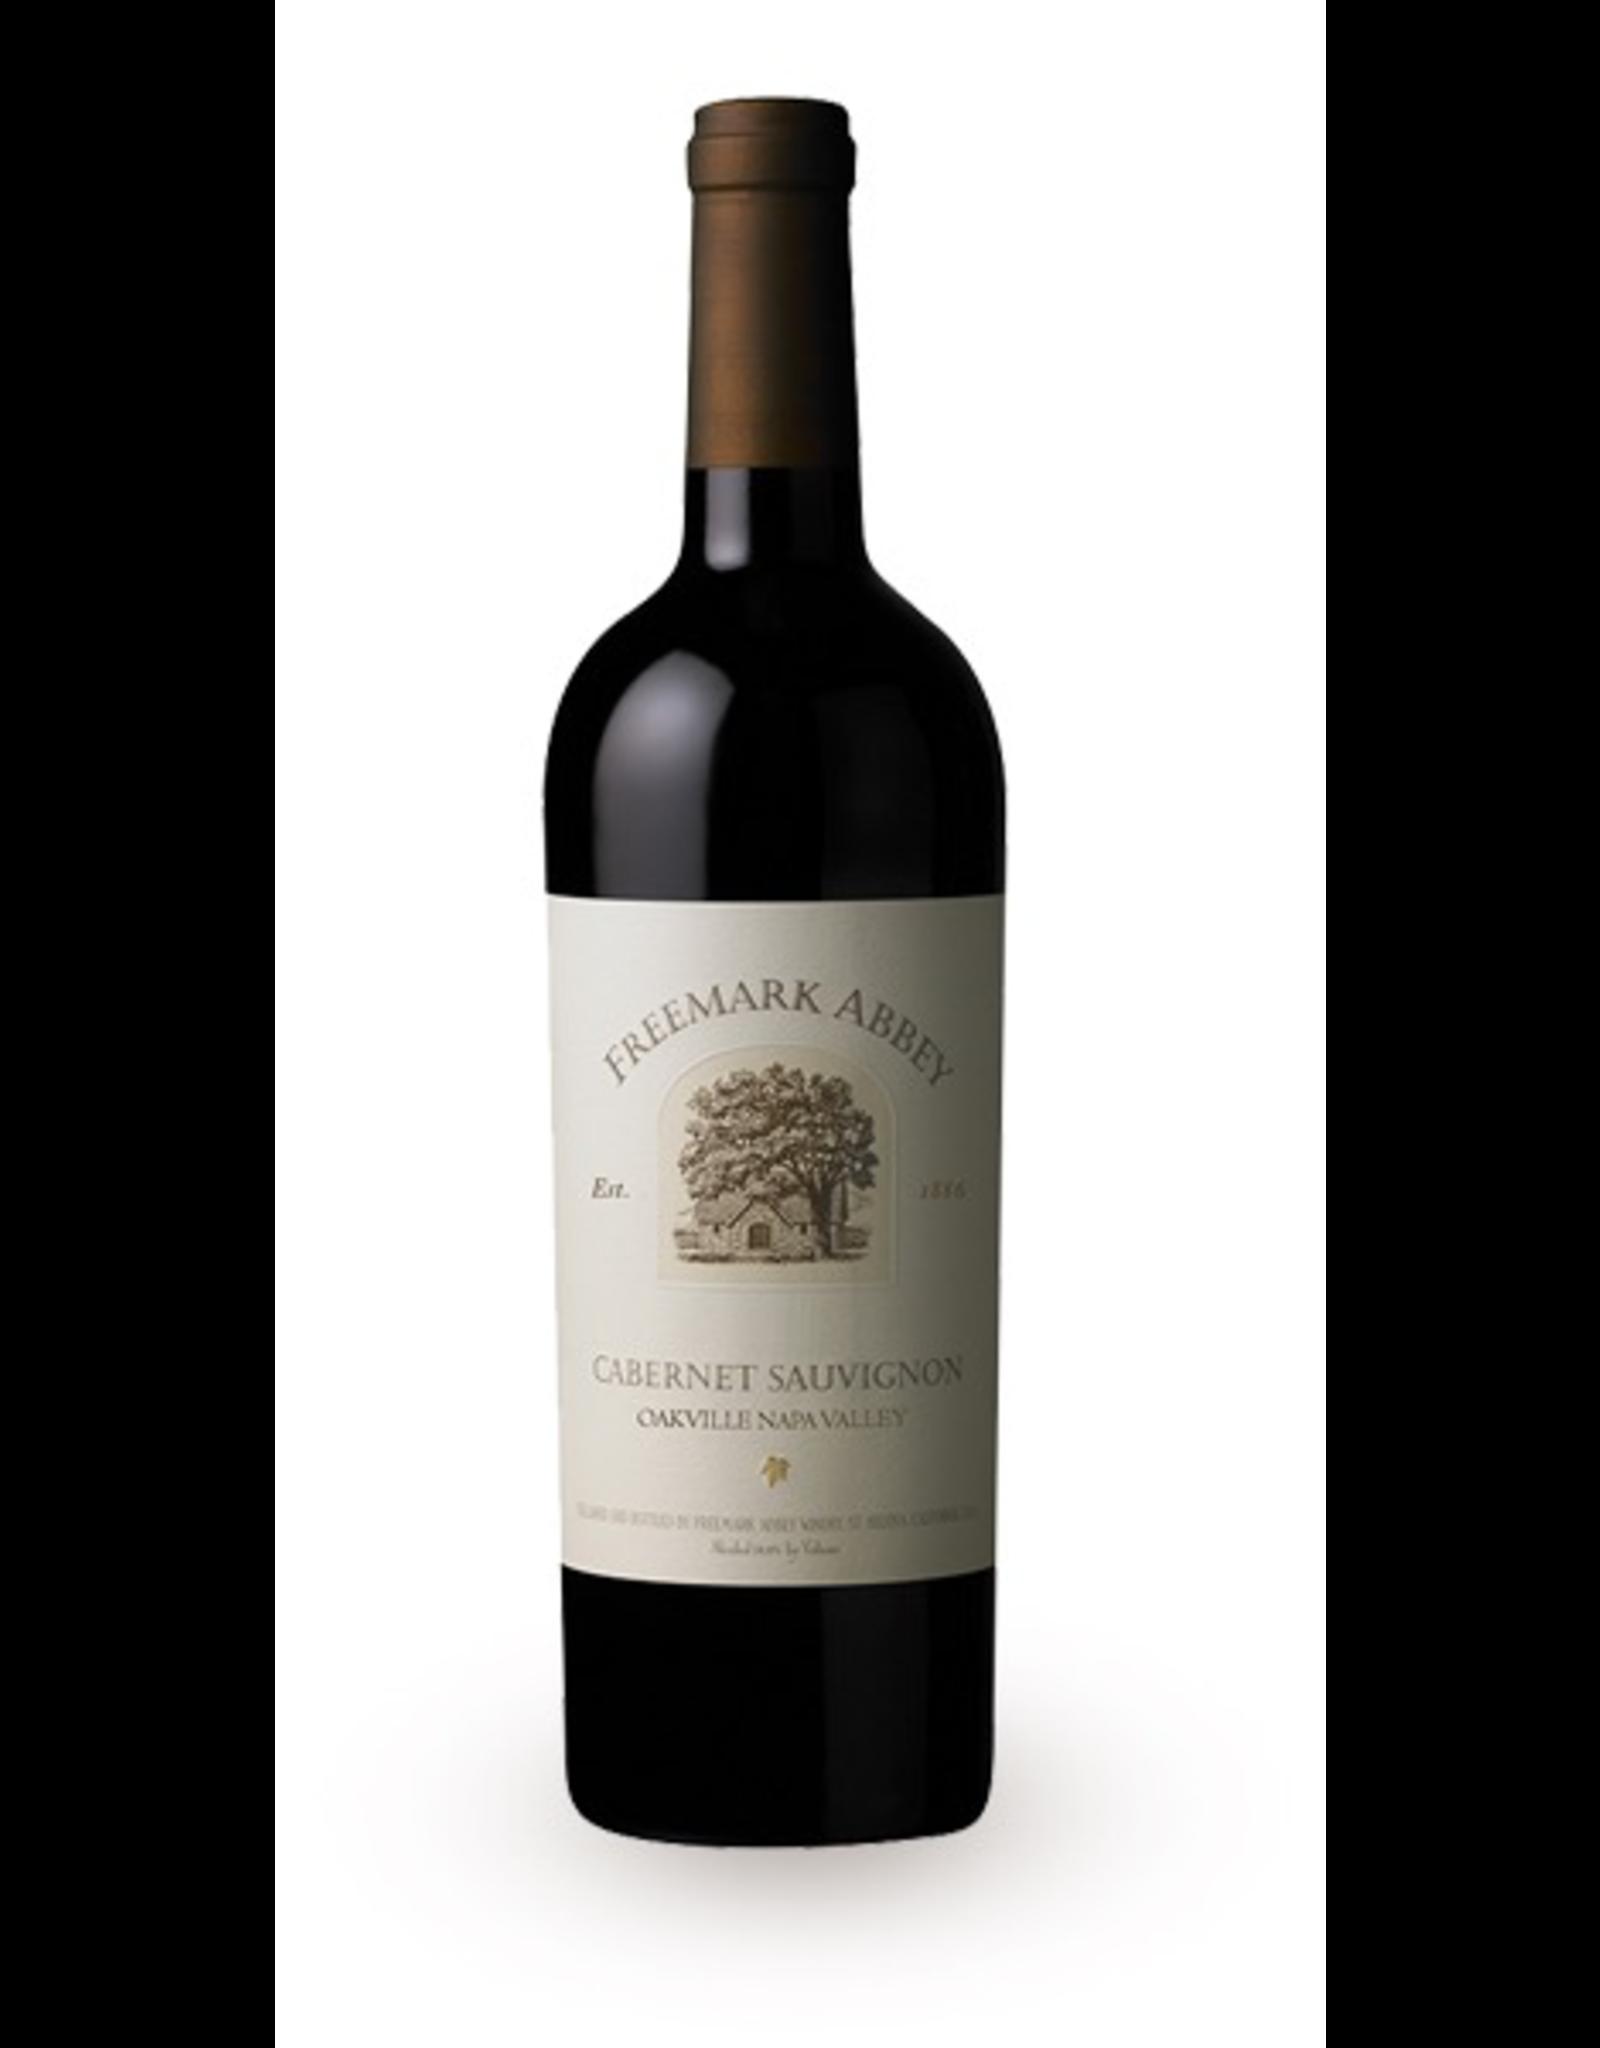 Red Wine 2016, Freemark Abbey, Cabernet Sauvignon, Multi AVA, Napa Valley, Califonia, 14.5% Alc, CT 89.4